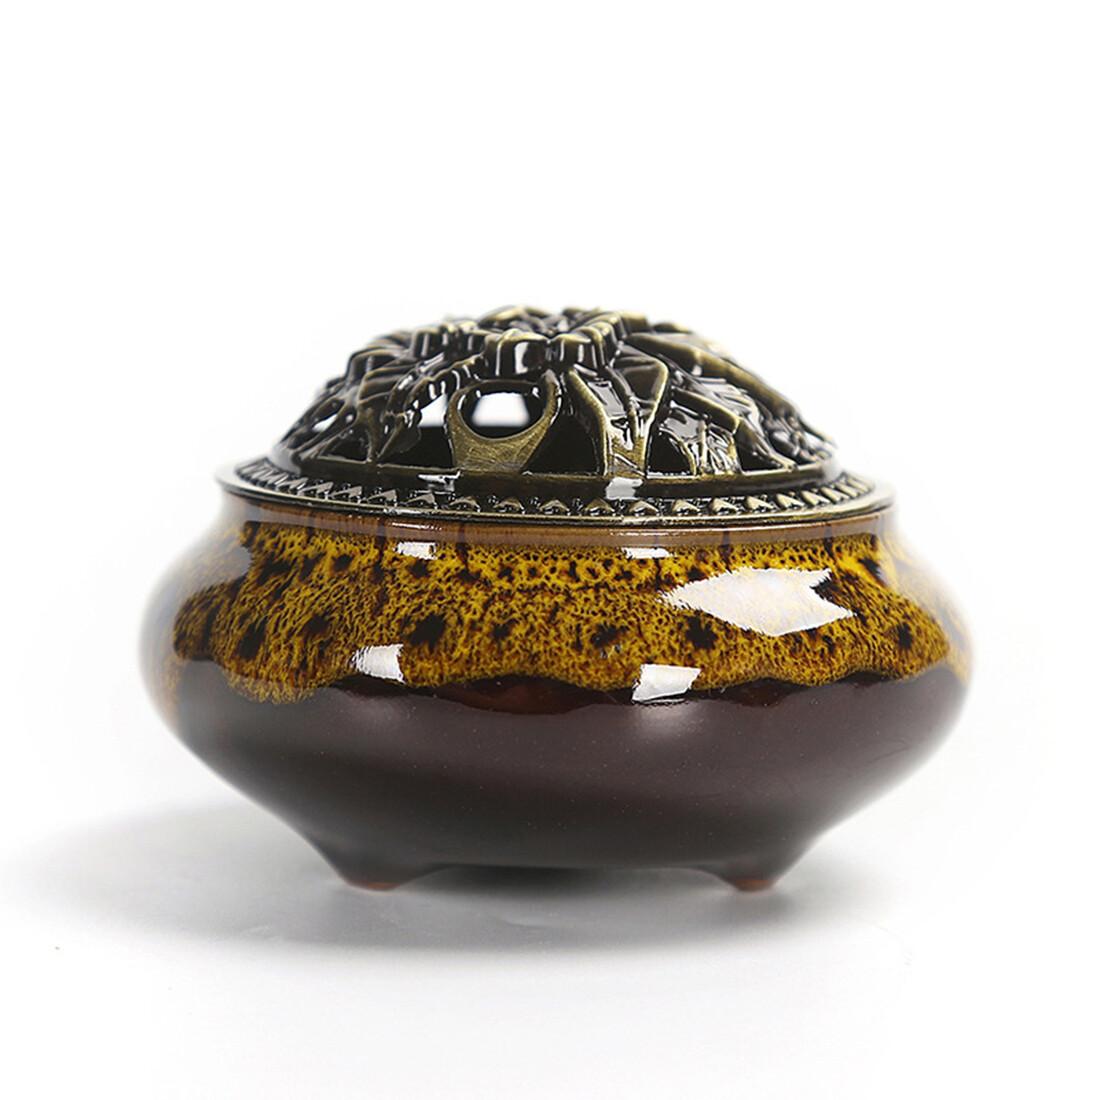 Beads IB Ceramic Brown